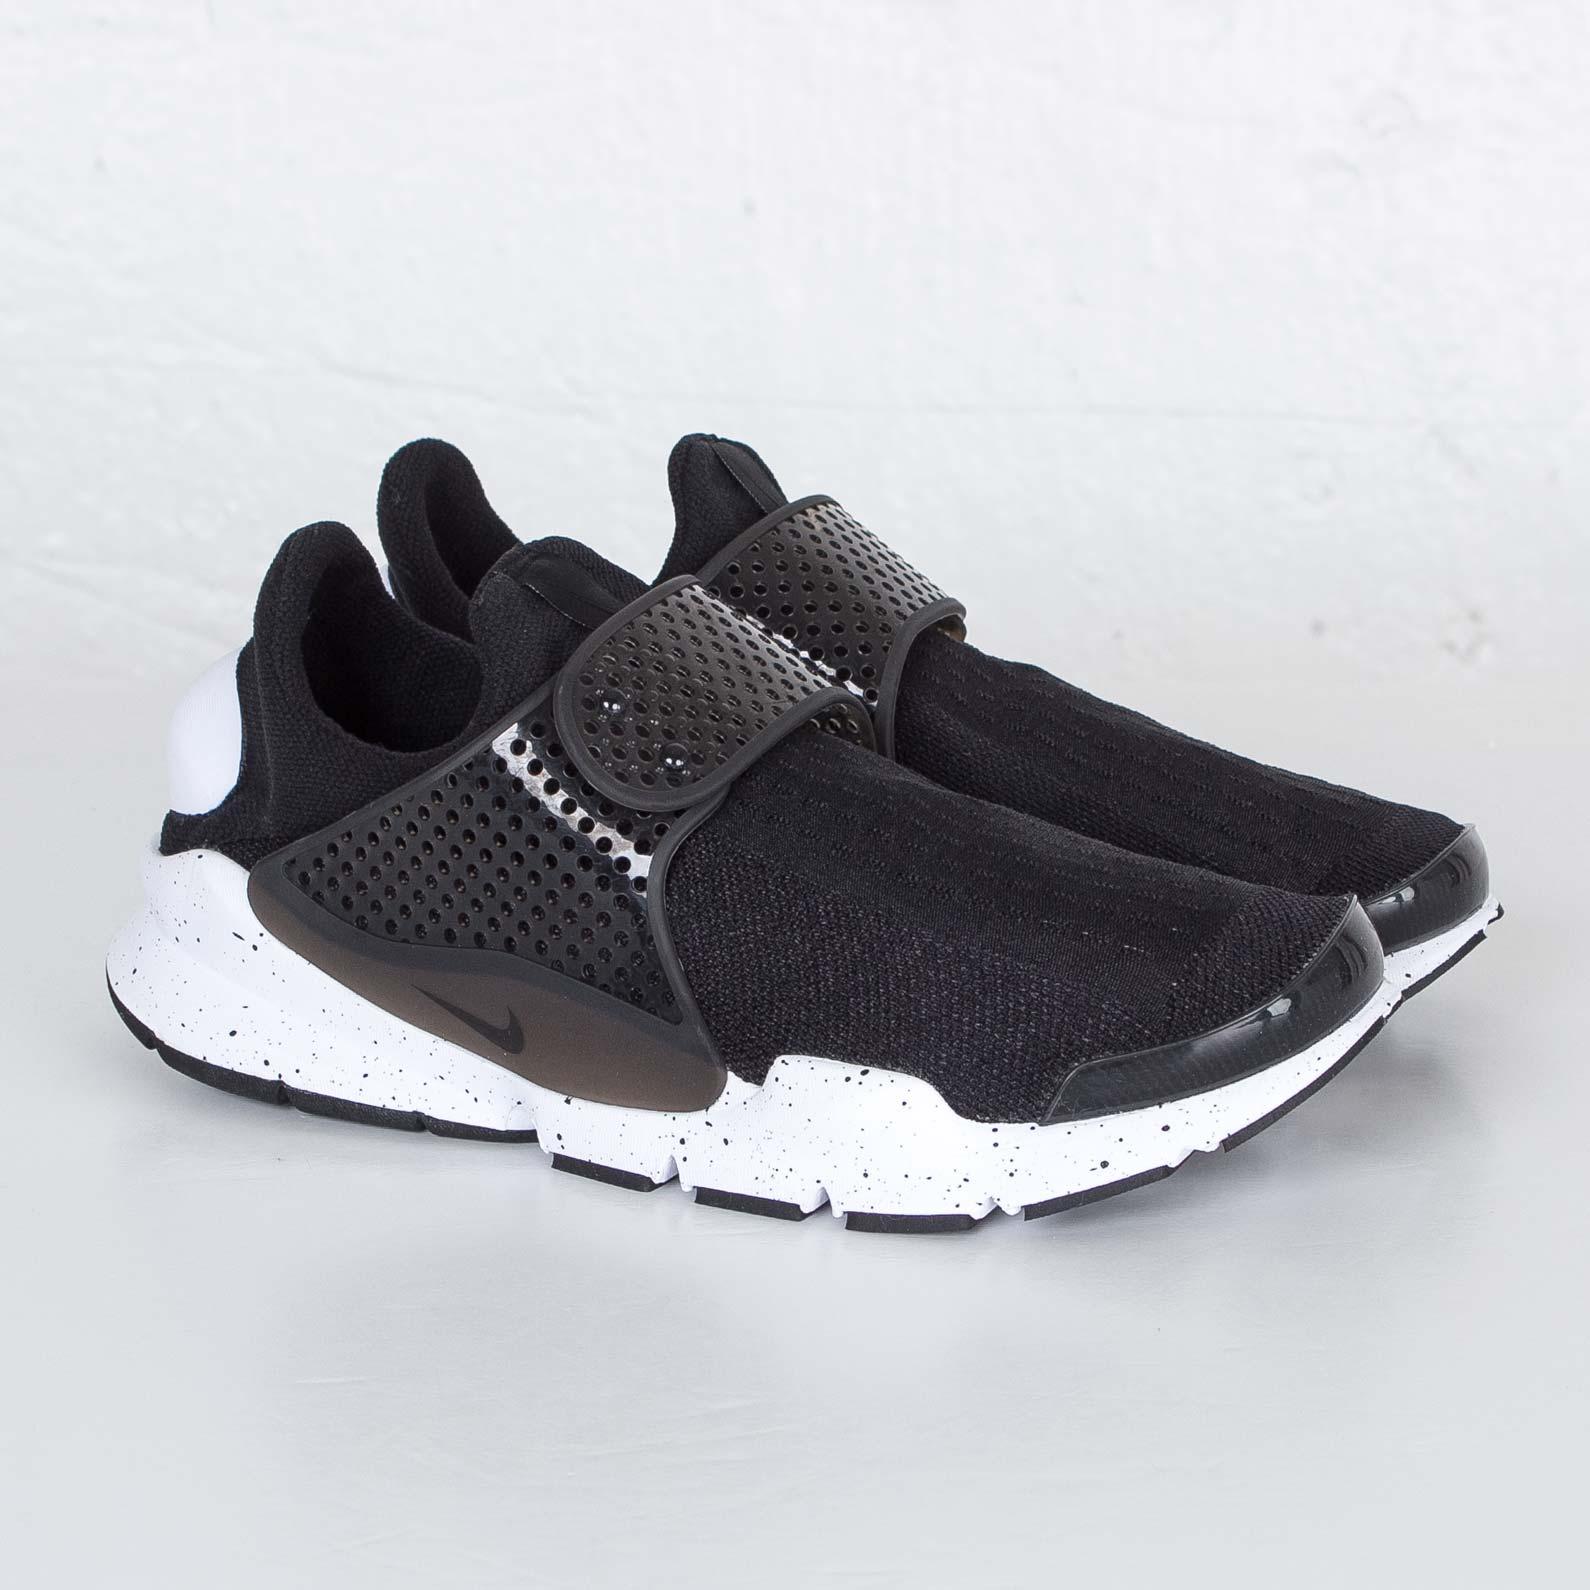 Nike Sock Dart SE - 833124-001 - Sneakersnstuff  23bf13a55315